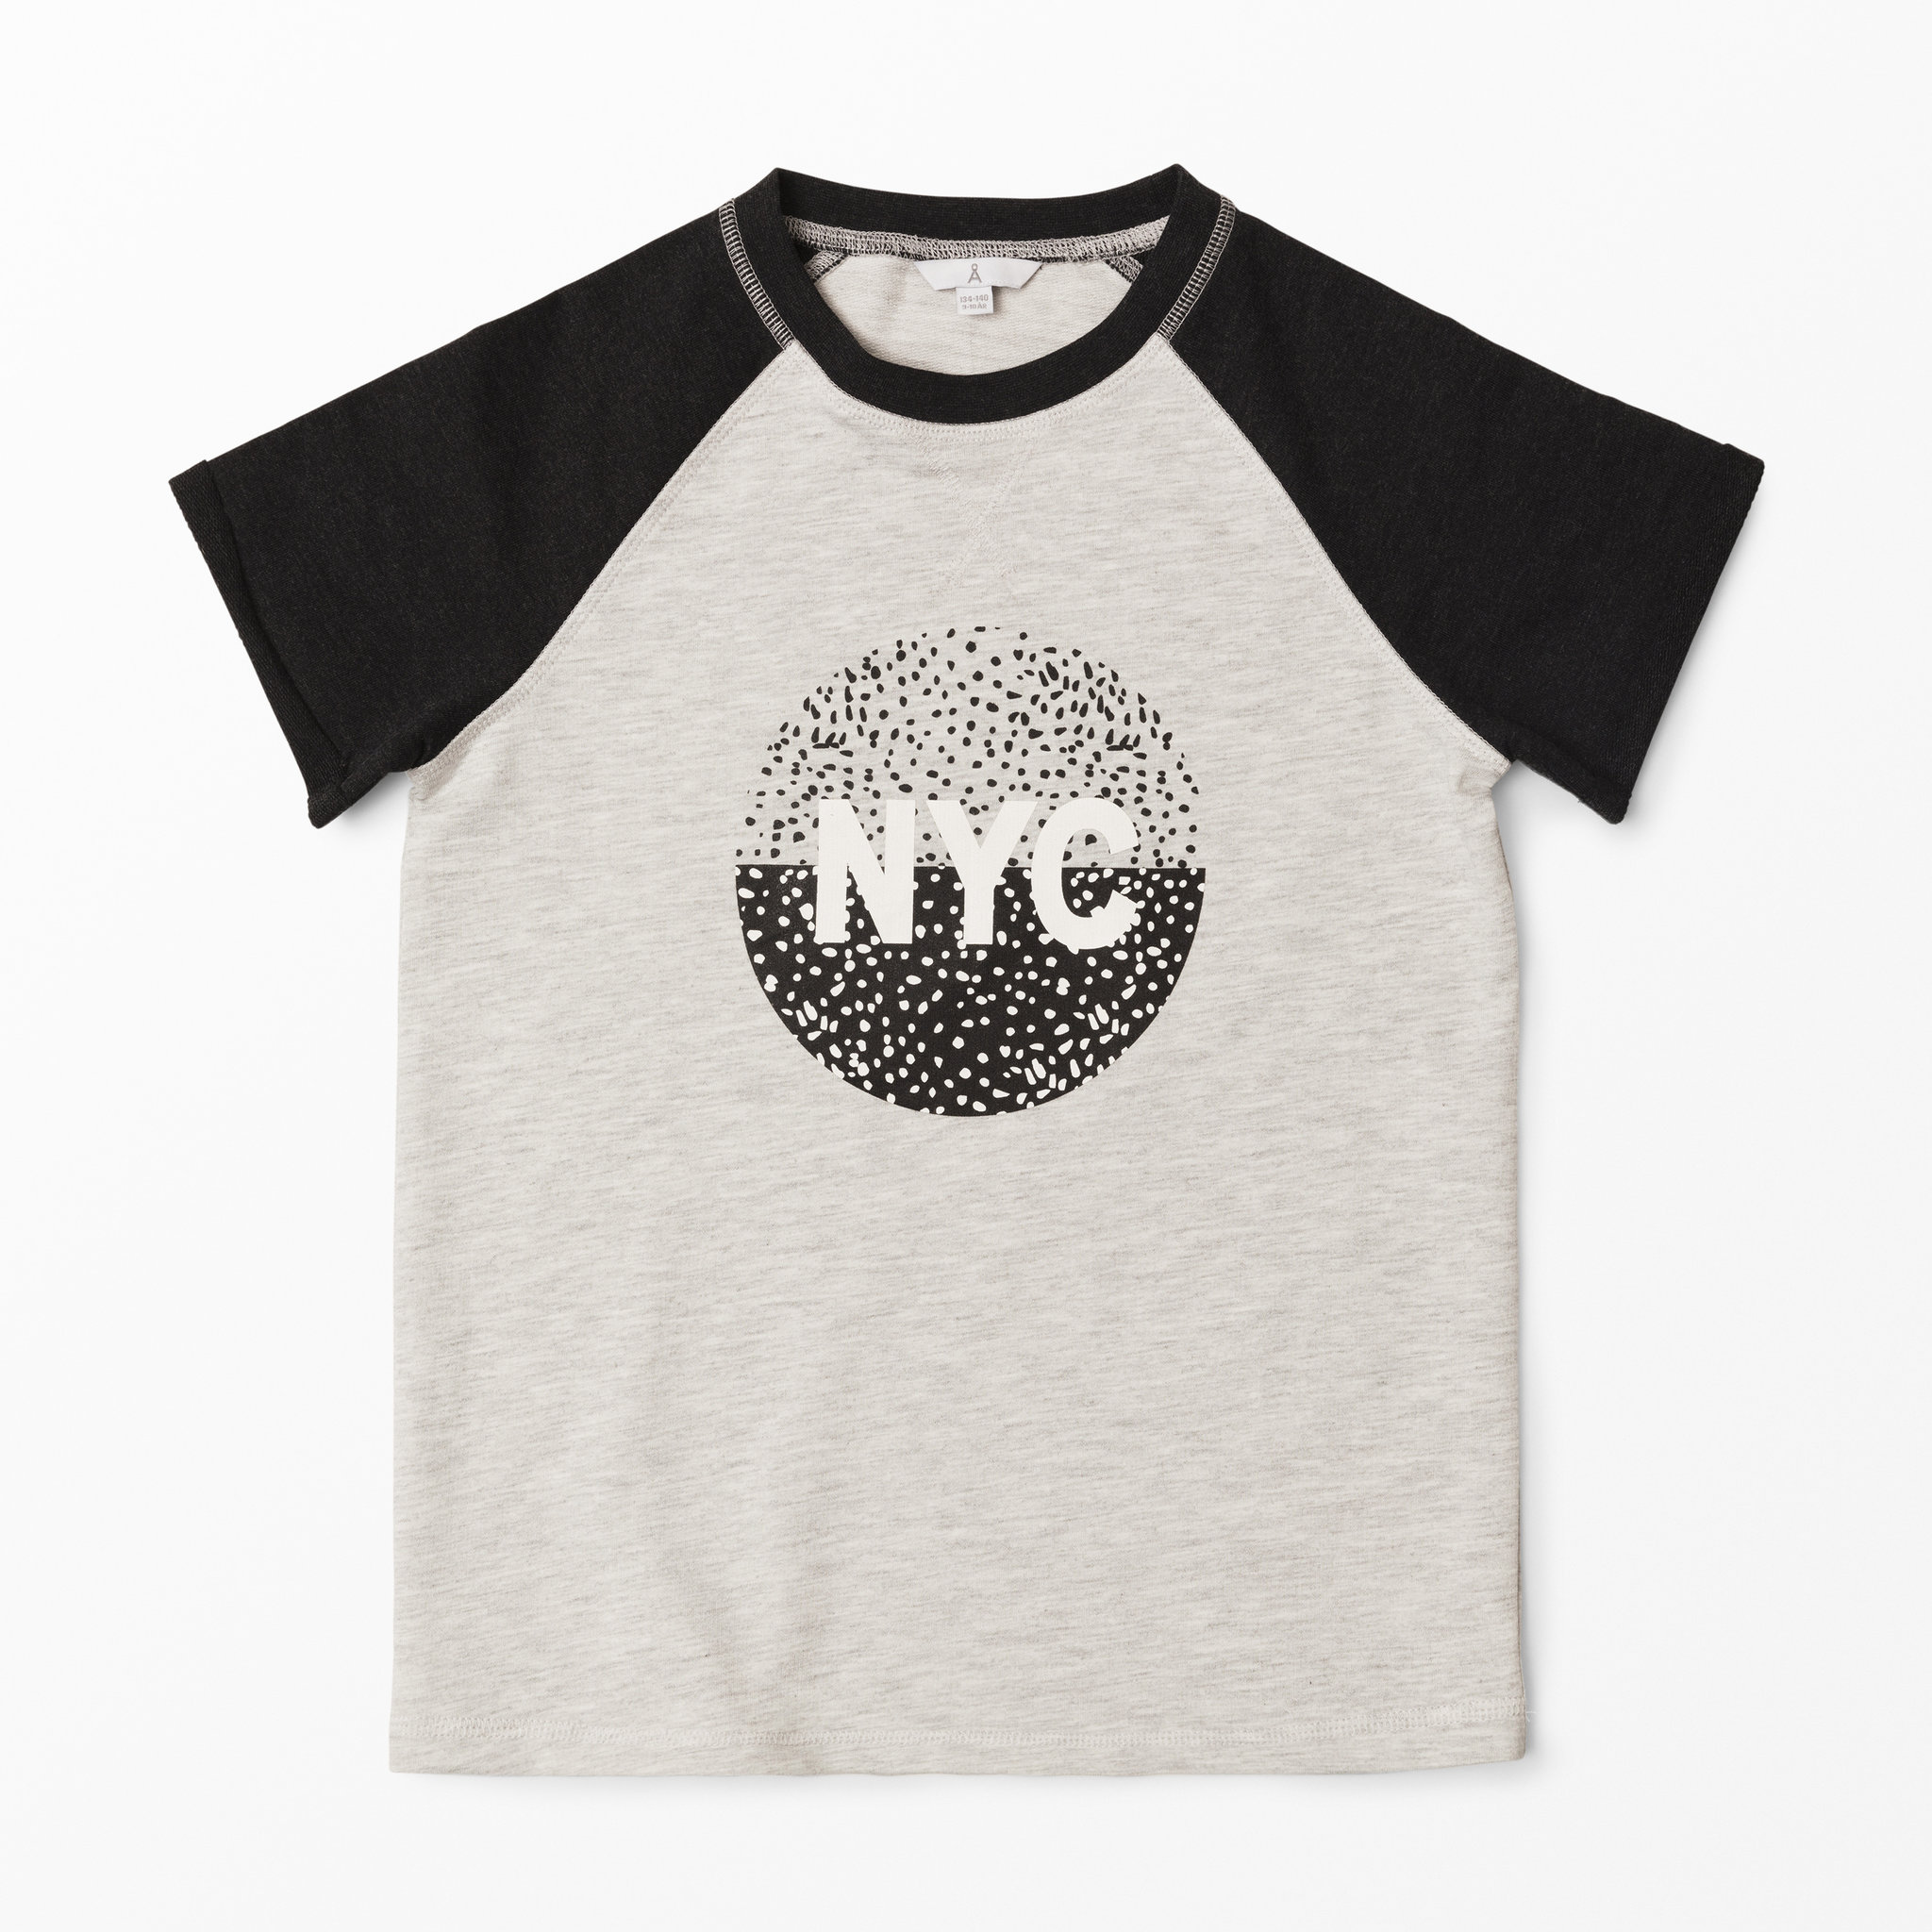 6185a35fdeef T-shirt - T-shirts & toppar - Köp online på åhlens.se!